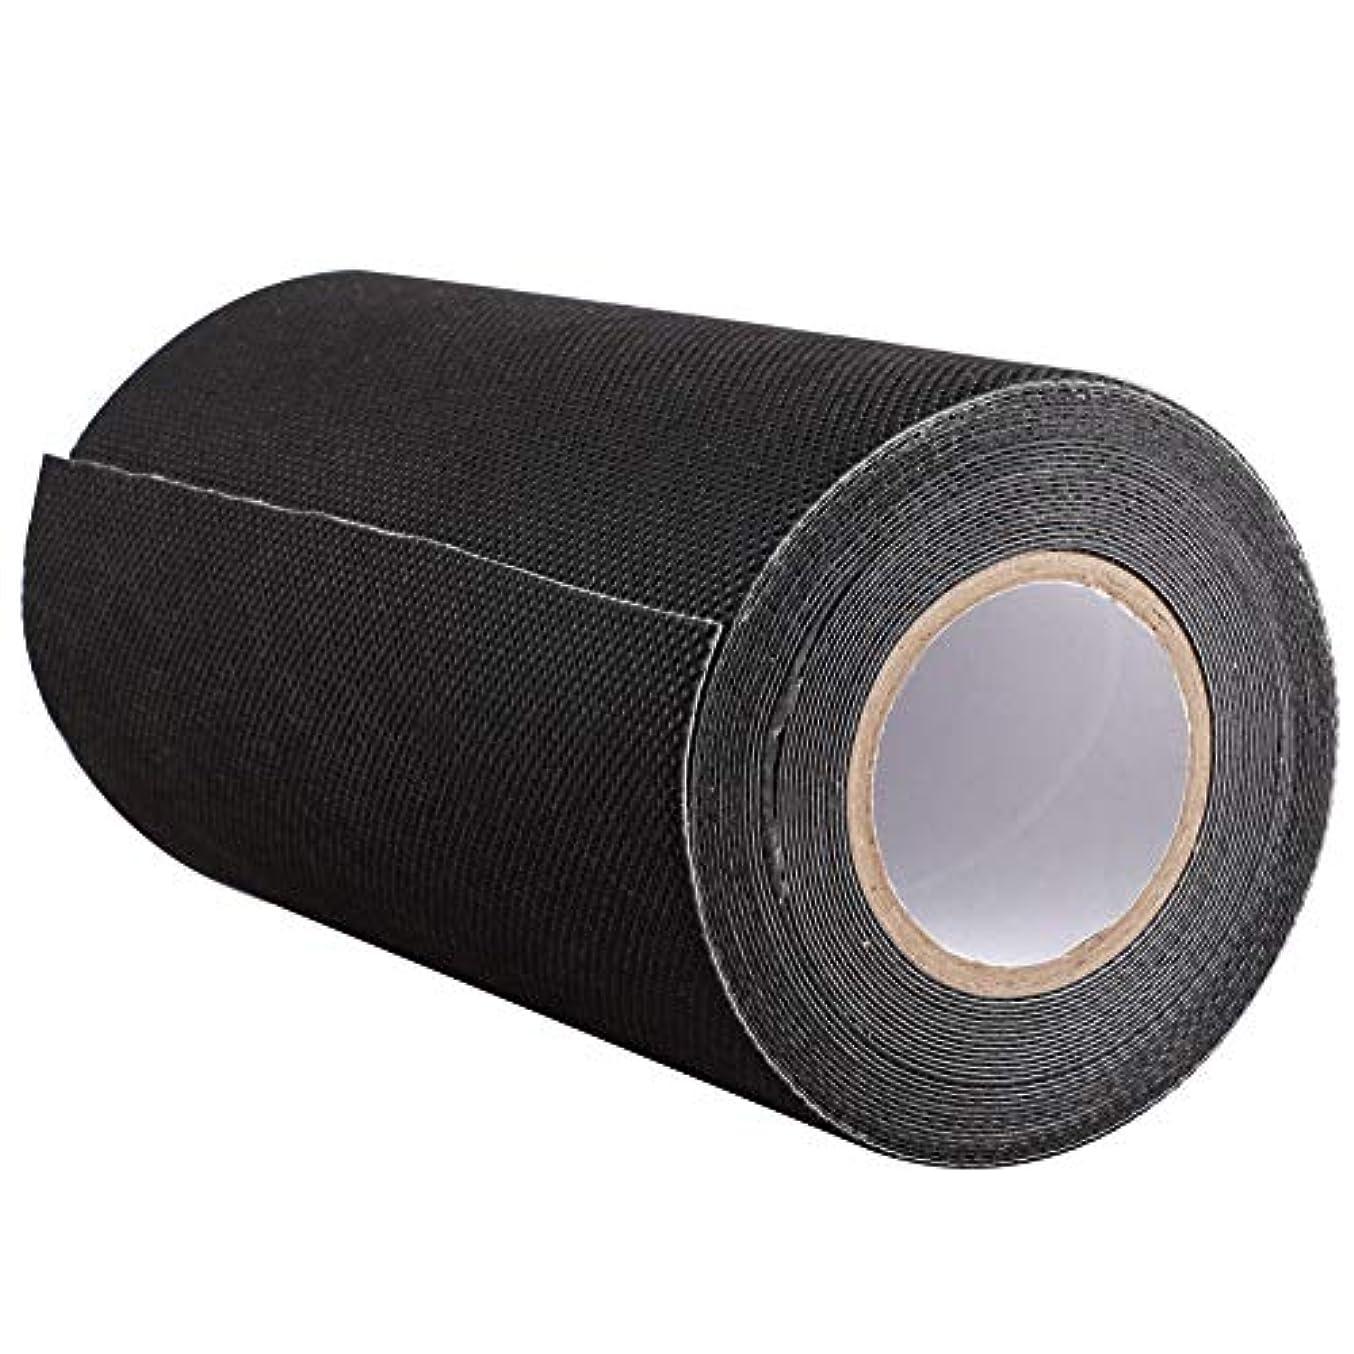 しない全体にここにDOMO 人工芝接着布 人工芝粘着テープ 芝スプライスベルト 15cm×5m ブラック